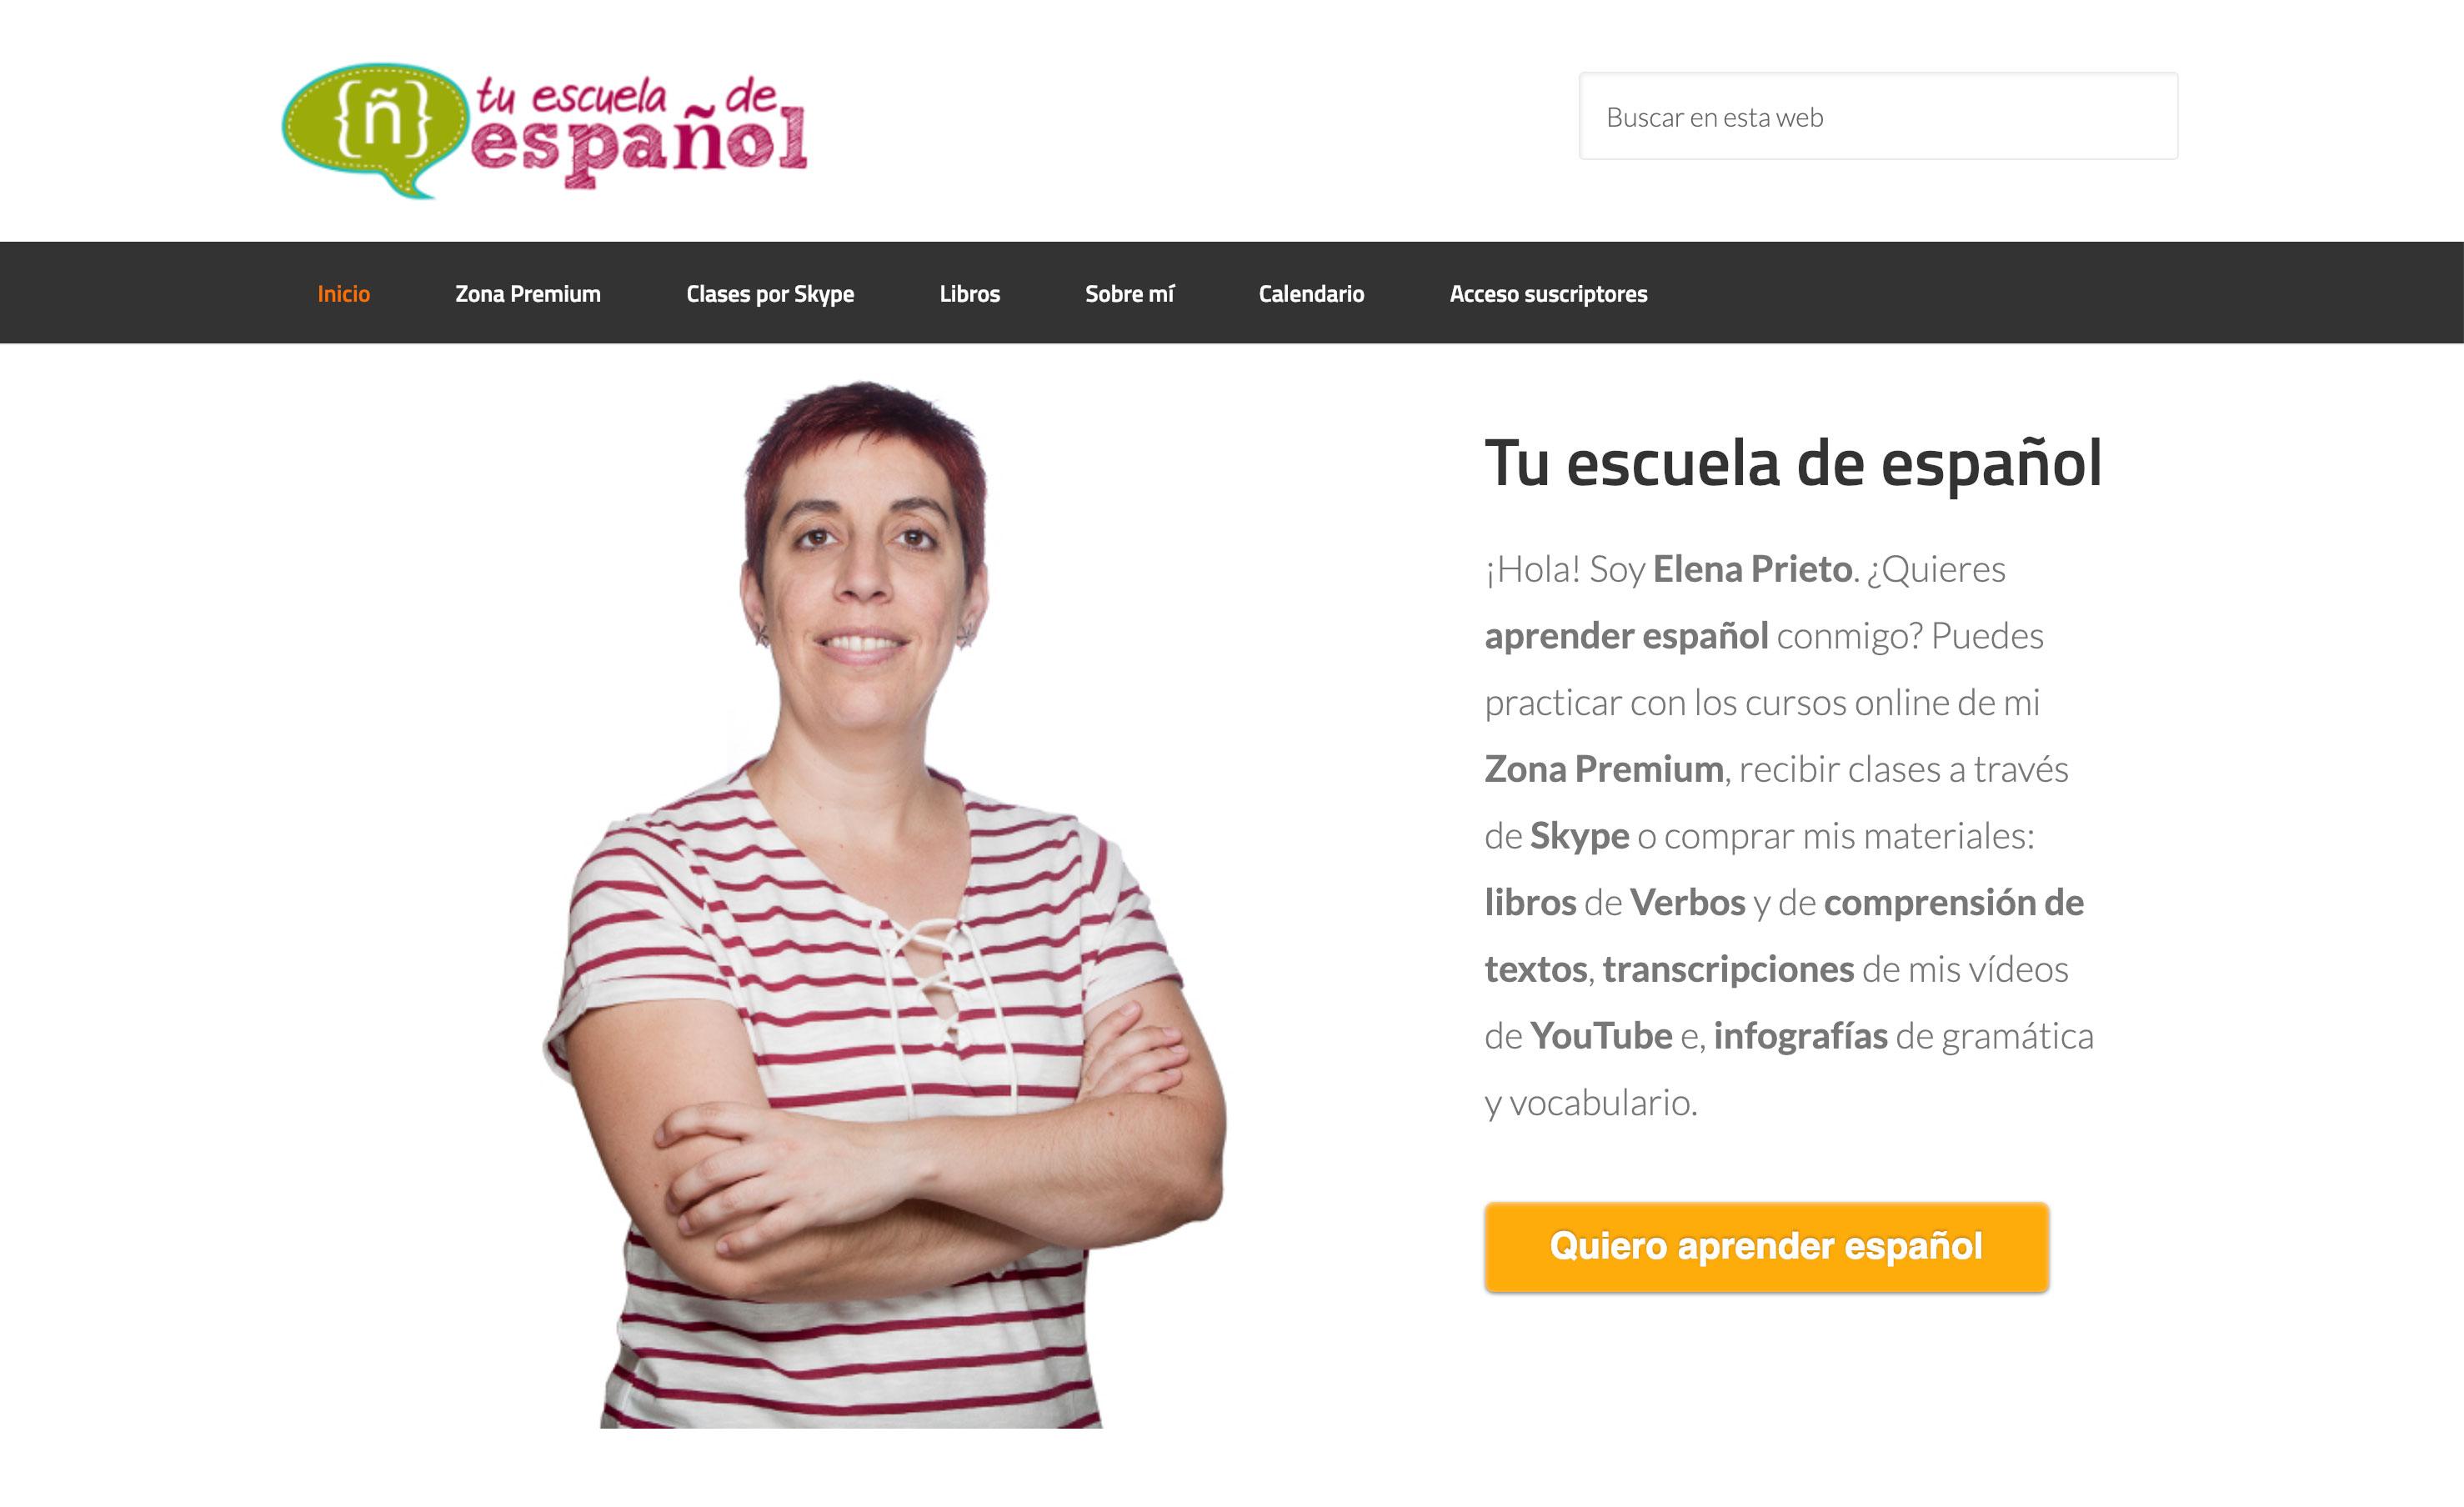 tu-escuela-de-espanol-web-cabecera